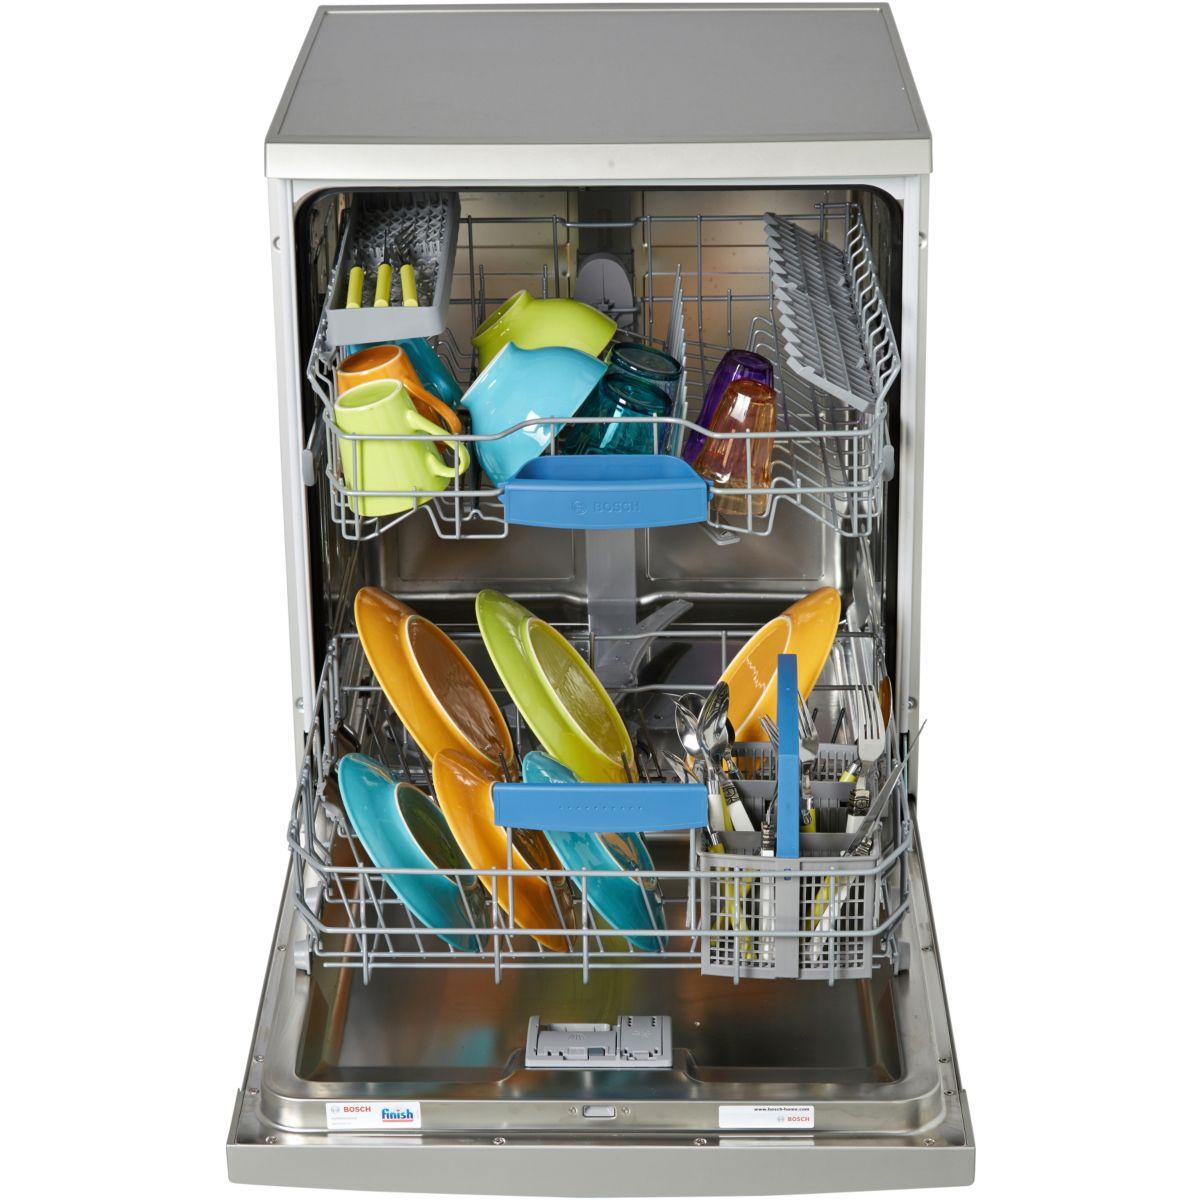 Lave-vaisselle 60cm bosch sms63m28ff - 10% de remise : code gam10 (photo)